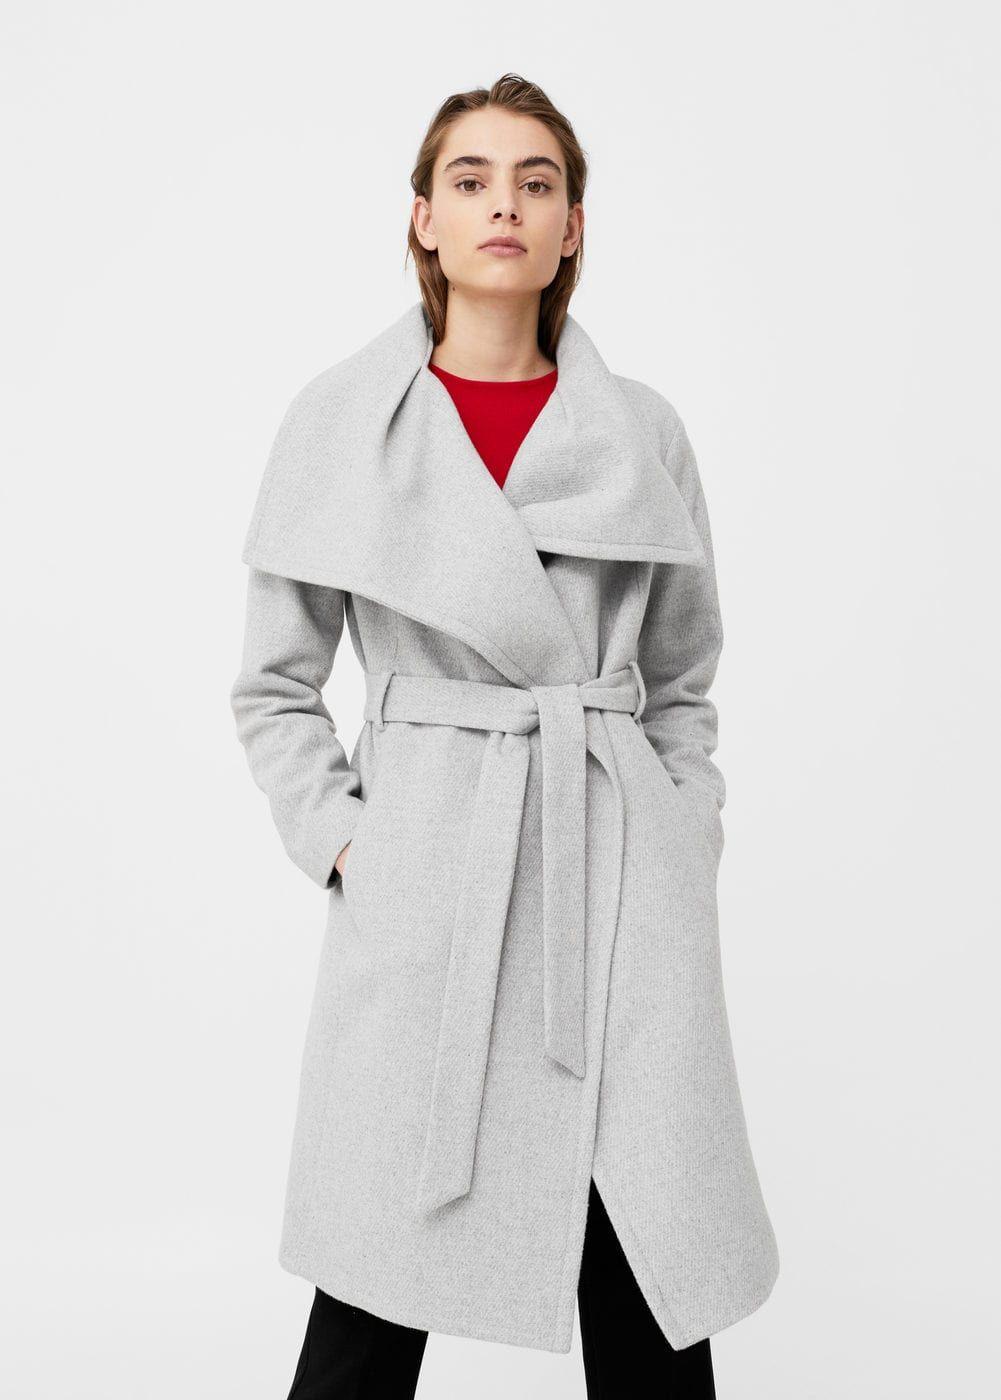 Manteau laine maxi revers - f pouManteaux Femme   MANGO France ef317cbdd2b